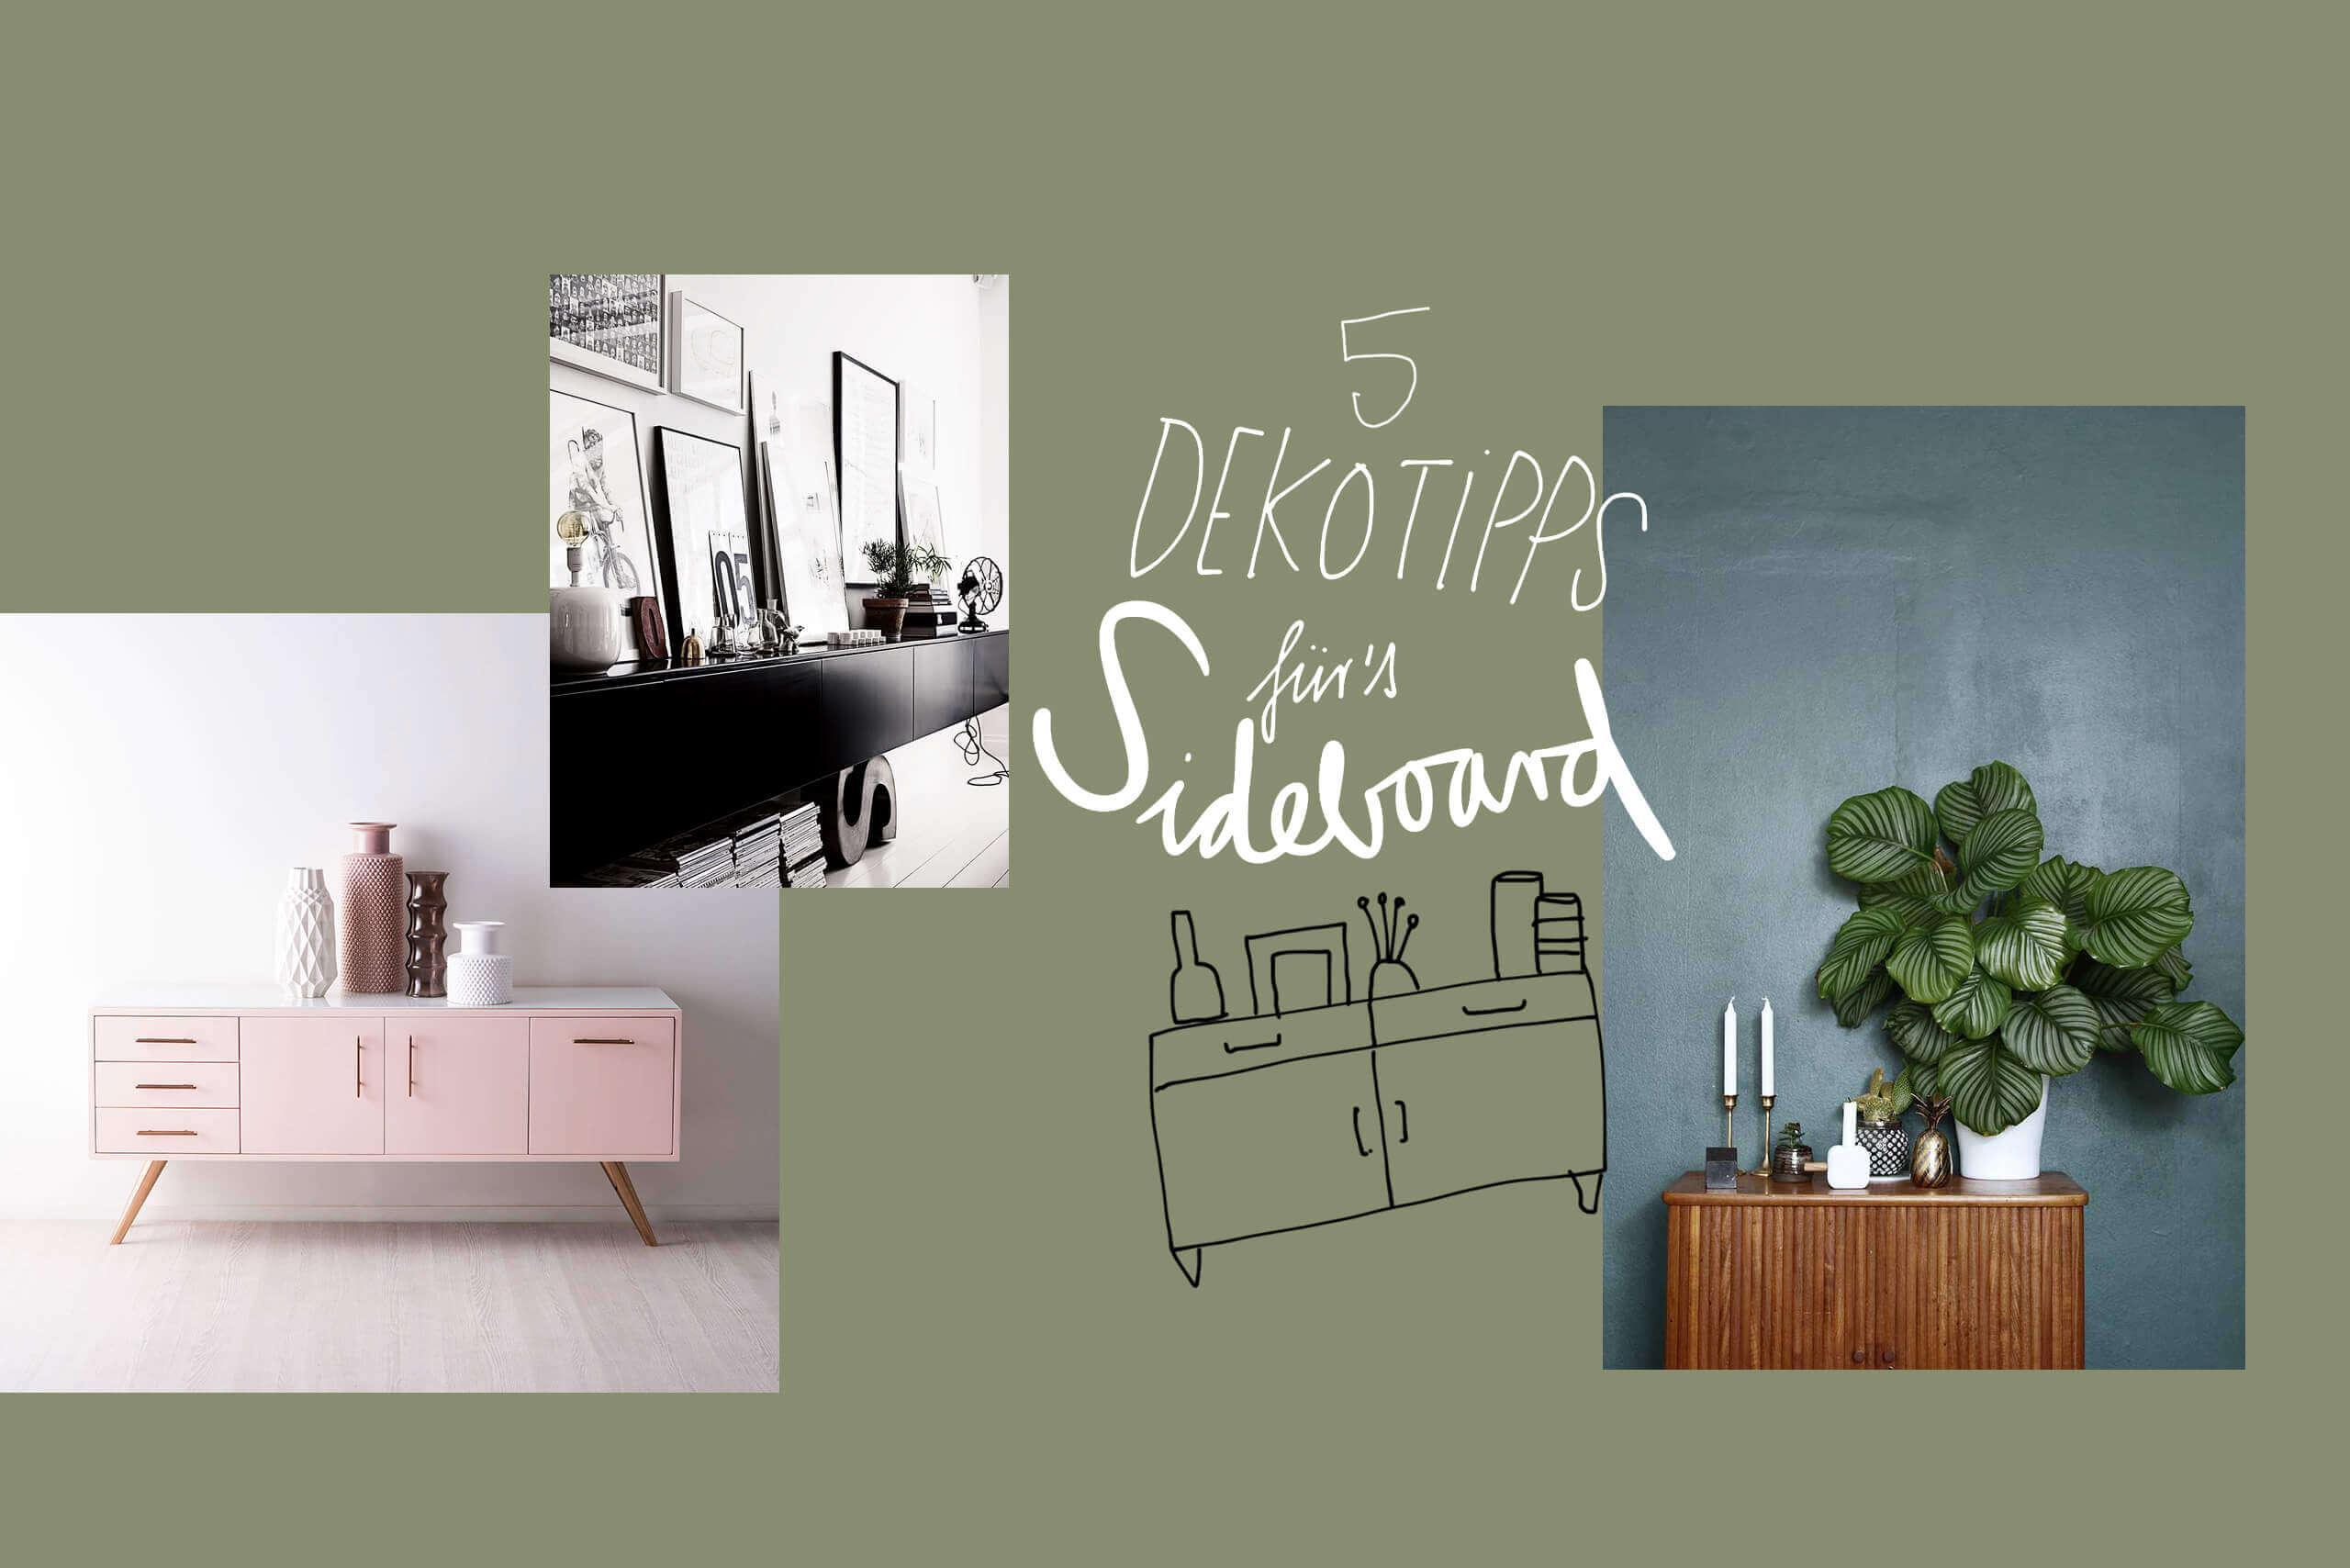 Full Size of Deko Sideboard Dekorieren Unsere 5 Dekoideen Newniq Interior Blog Küche Schlafzimmer Wanddeko Mit Arbeitsplatte Badezimmer Wohnzimmer Dekoration Für Wohnzimmer Deko Sideboard